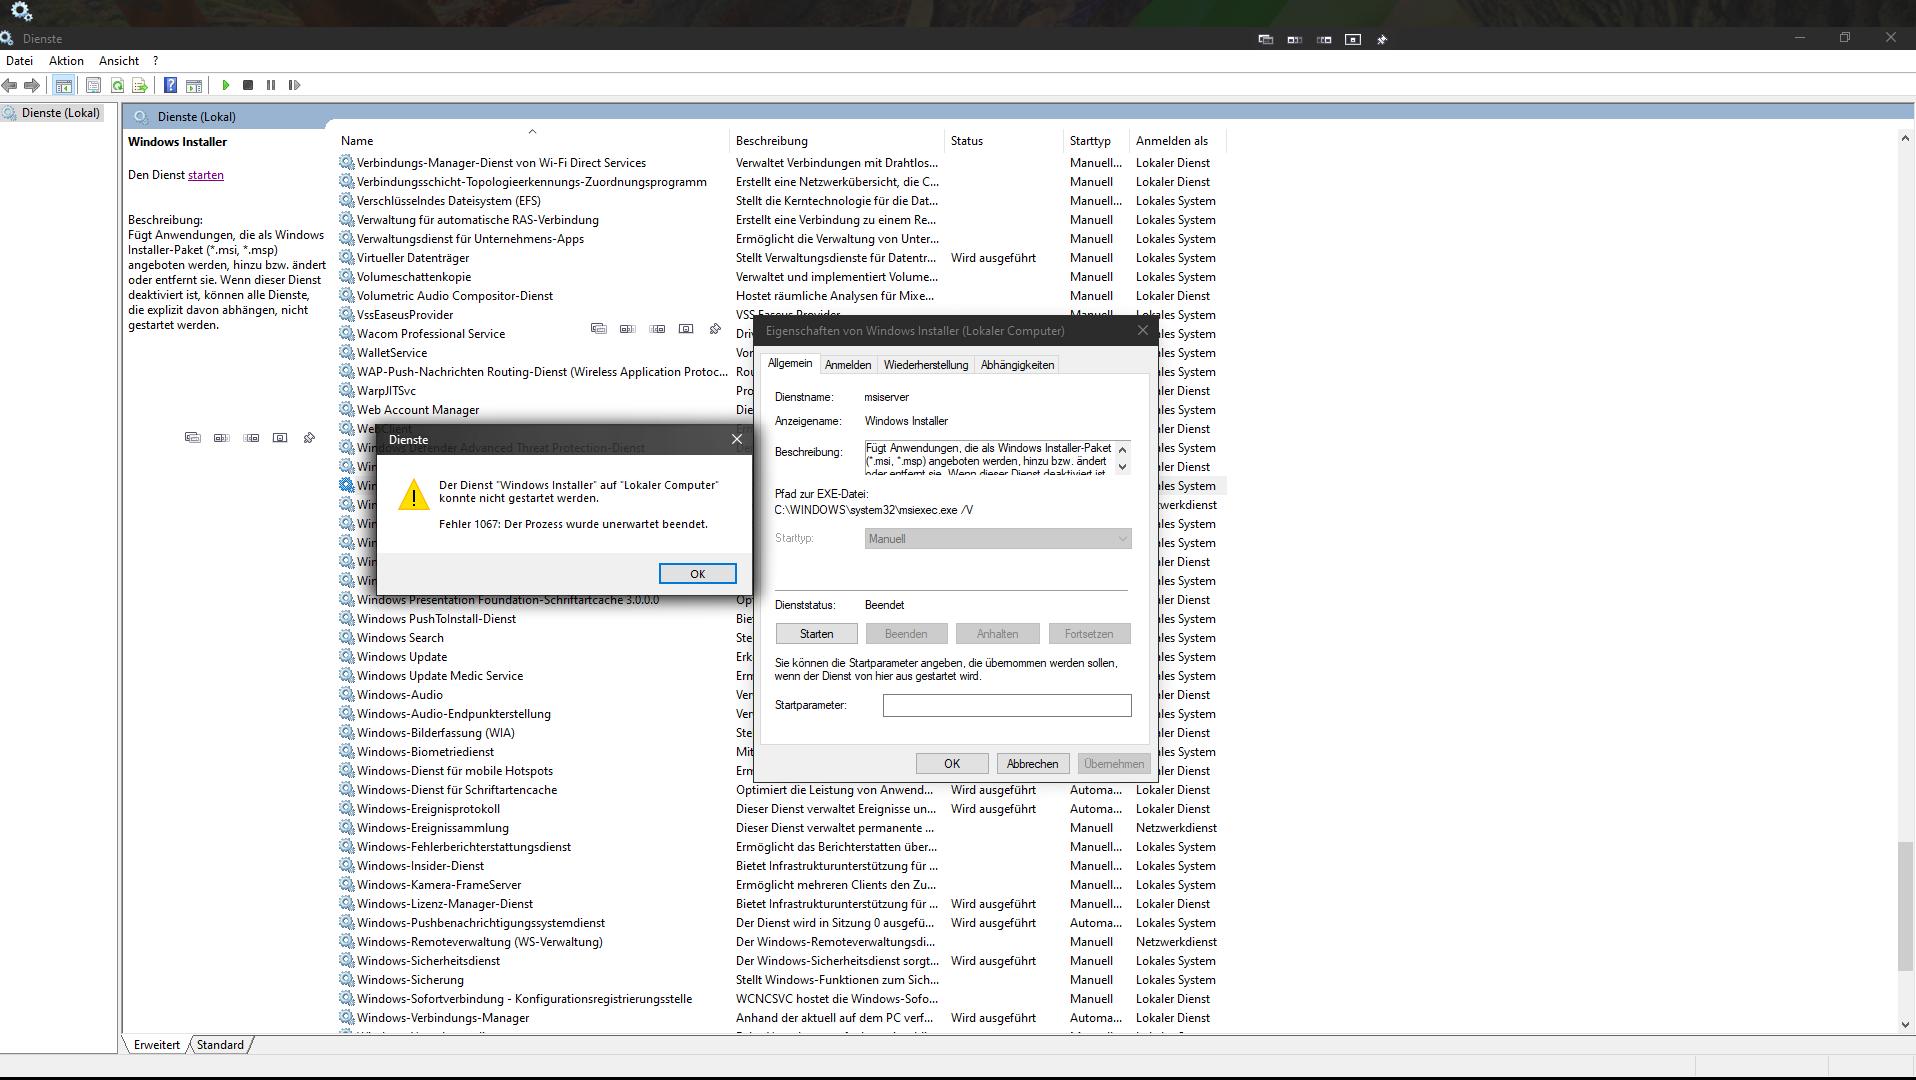 Windows Installer auch nach Inplace-Upgrade 20H2 nicht funktional